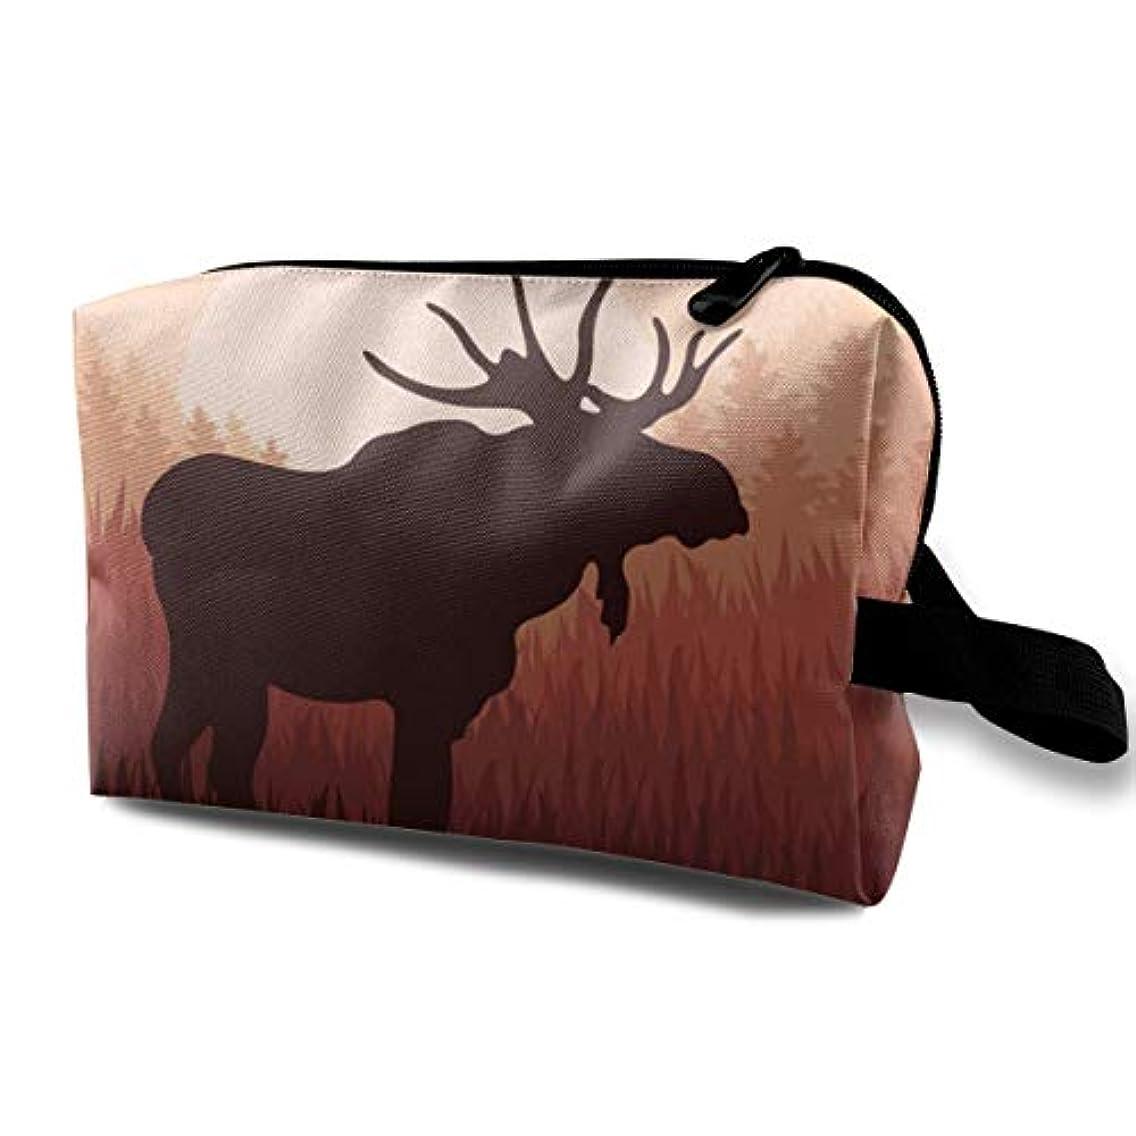 眉をひそめるするだろう静的Antlers In Wild Alaska Forest 収納ポーチ 化粧ポーチ 大容量 軽量 耐久性 ハンドル付持ち運び便利。入れ 自宅?出張?旅行?アウトドア撮影などに対応。メンズ レディース トラベルグッズ